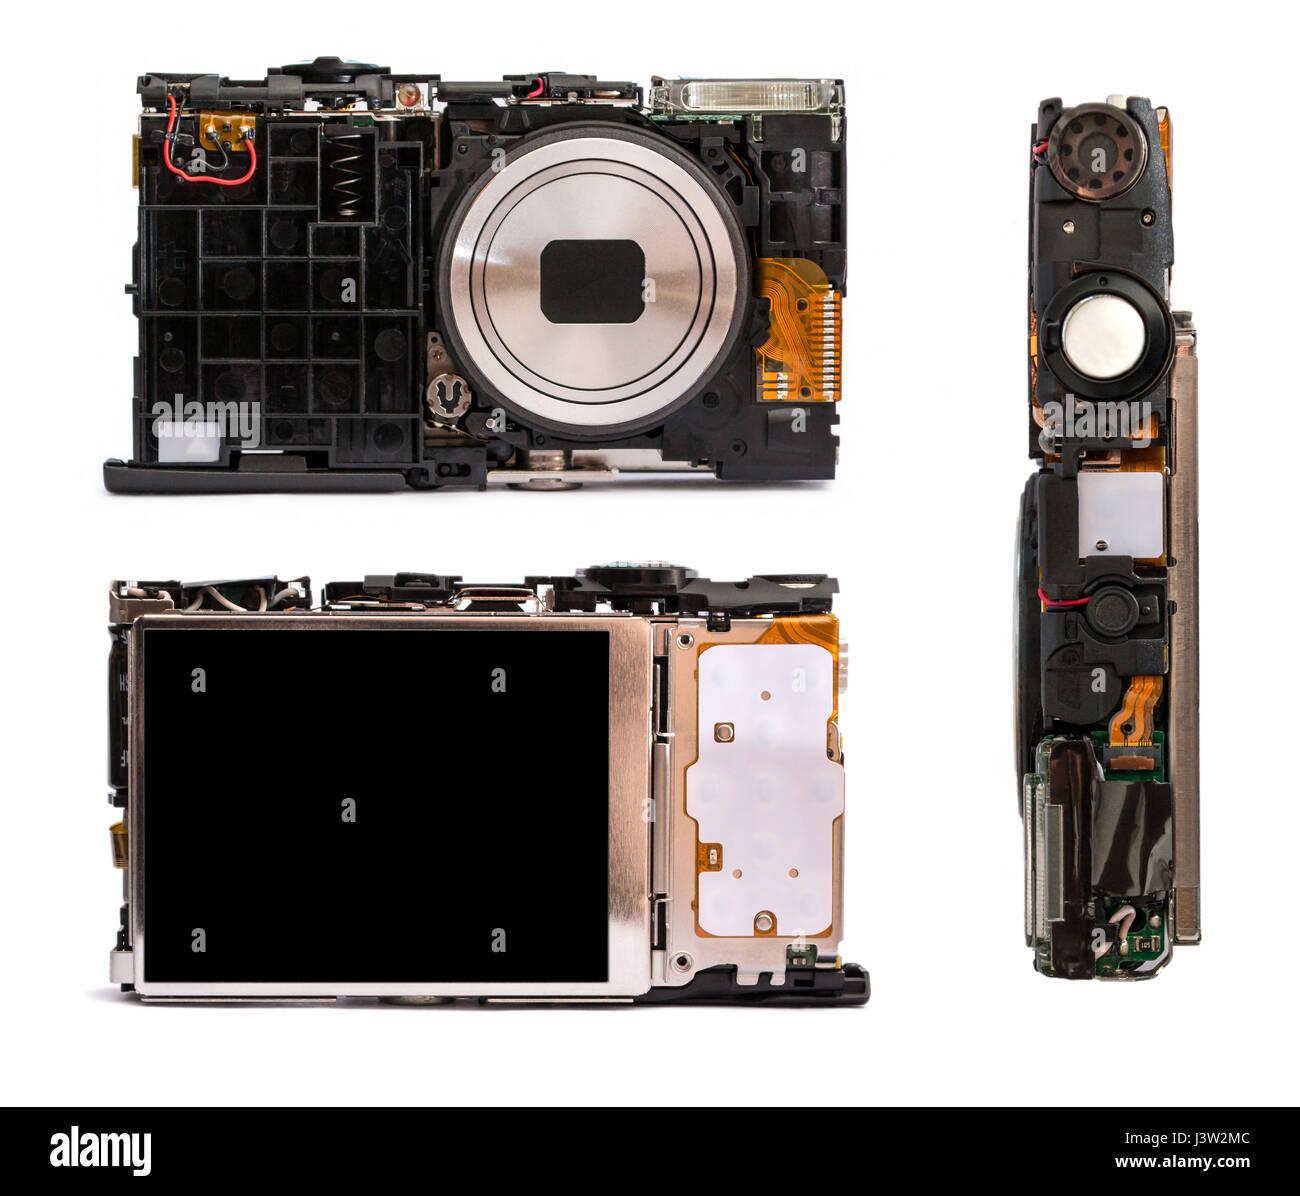 Appareil photo numérique démonté sous différents angles. Détails de l'appareil photo cassé isolé sur fond blanc. Réparation de la technique photographique. Banque D'Images